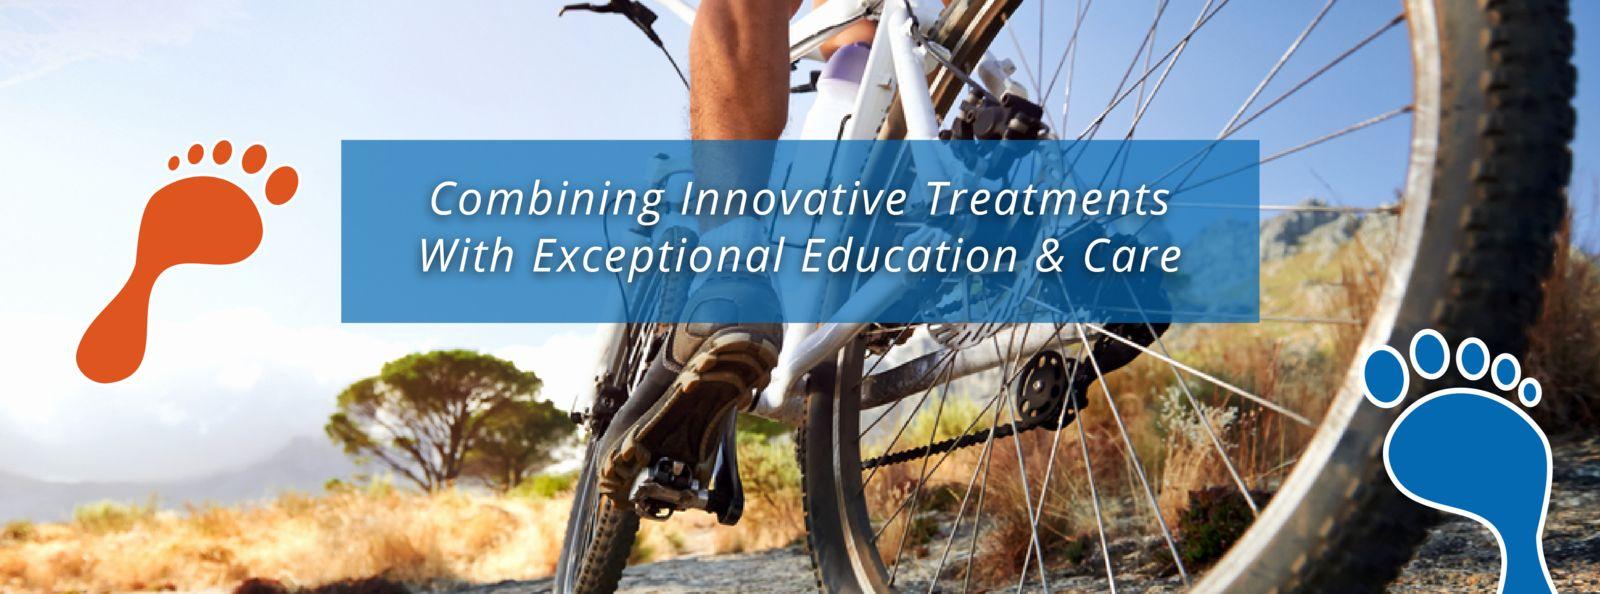 AminoFix Treatment